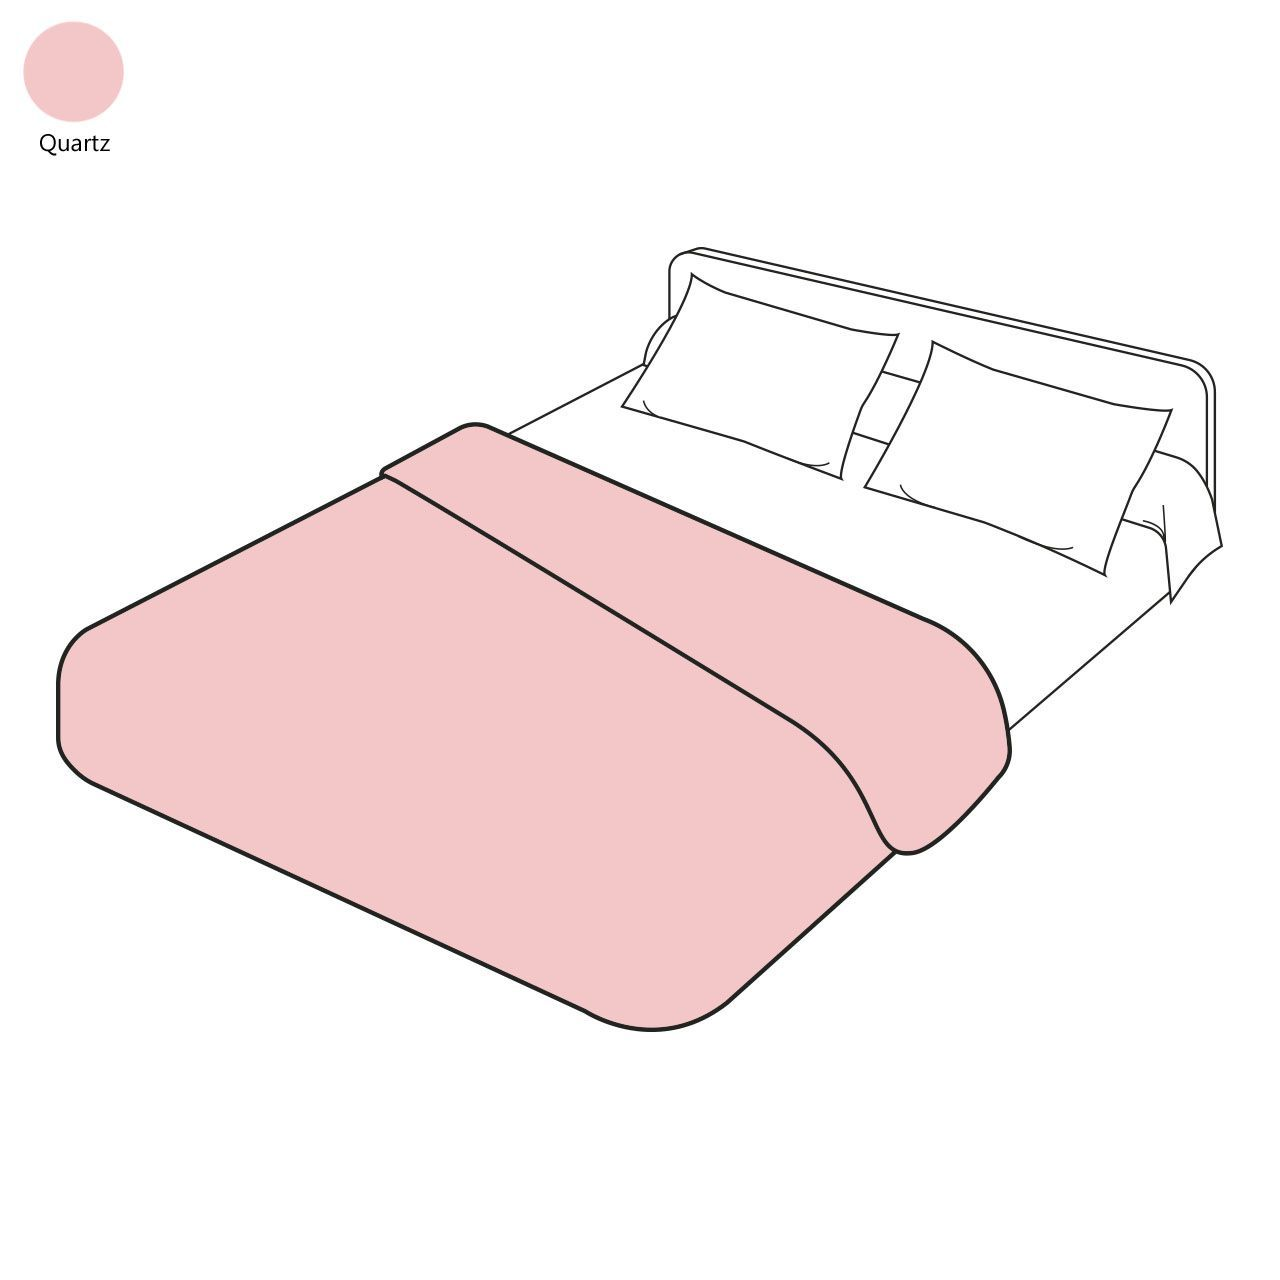 housse de couette uni percale quartz 140x200 tradilinge. Black Bedroom Furniture Sets. Home Design Ideas